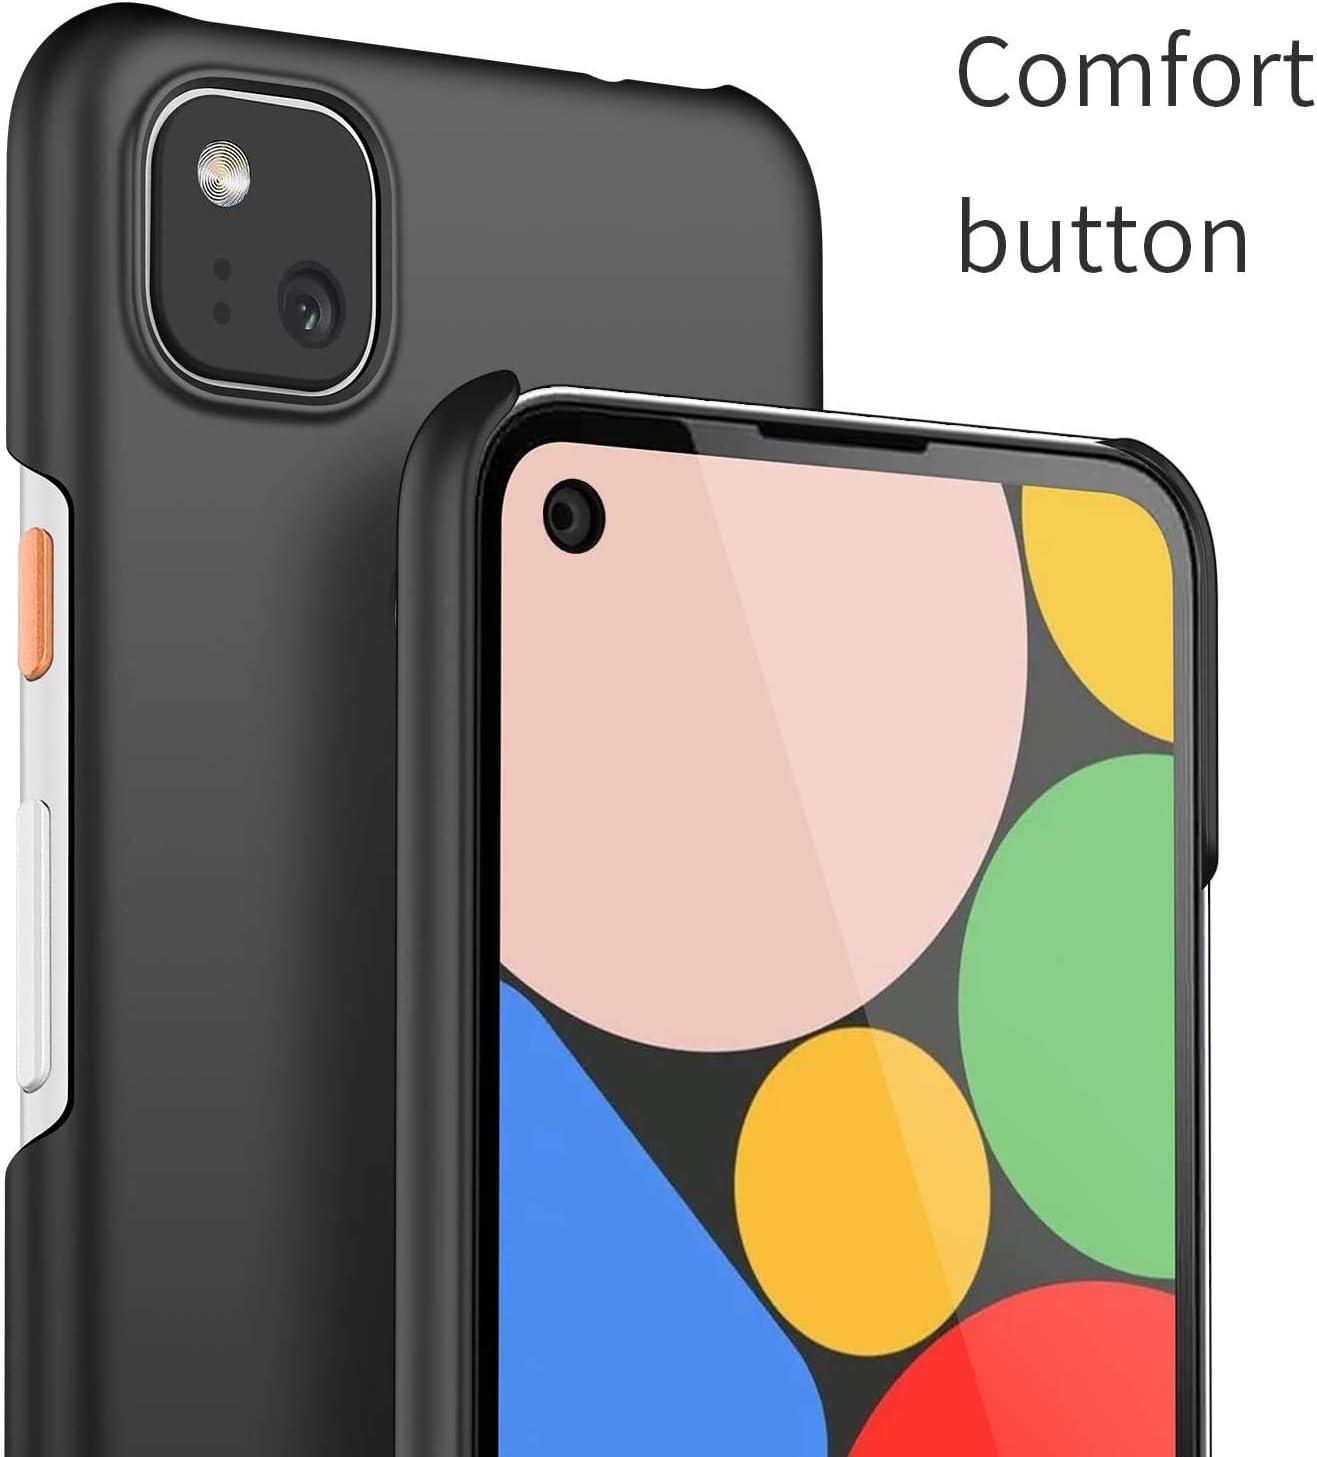 cookaR Coque Google Pixel 4a Simple et /él/égant Cloth Fiber Antichoc Ultra Mince /Étui Cas Housse pour Pixel 4a,Bleu